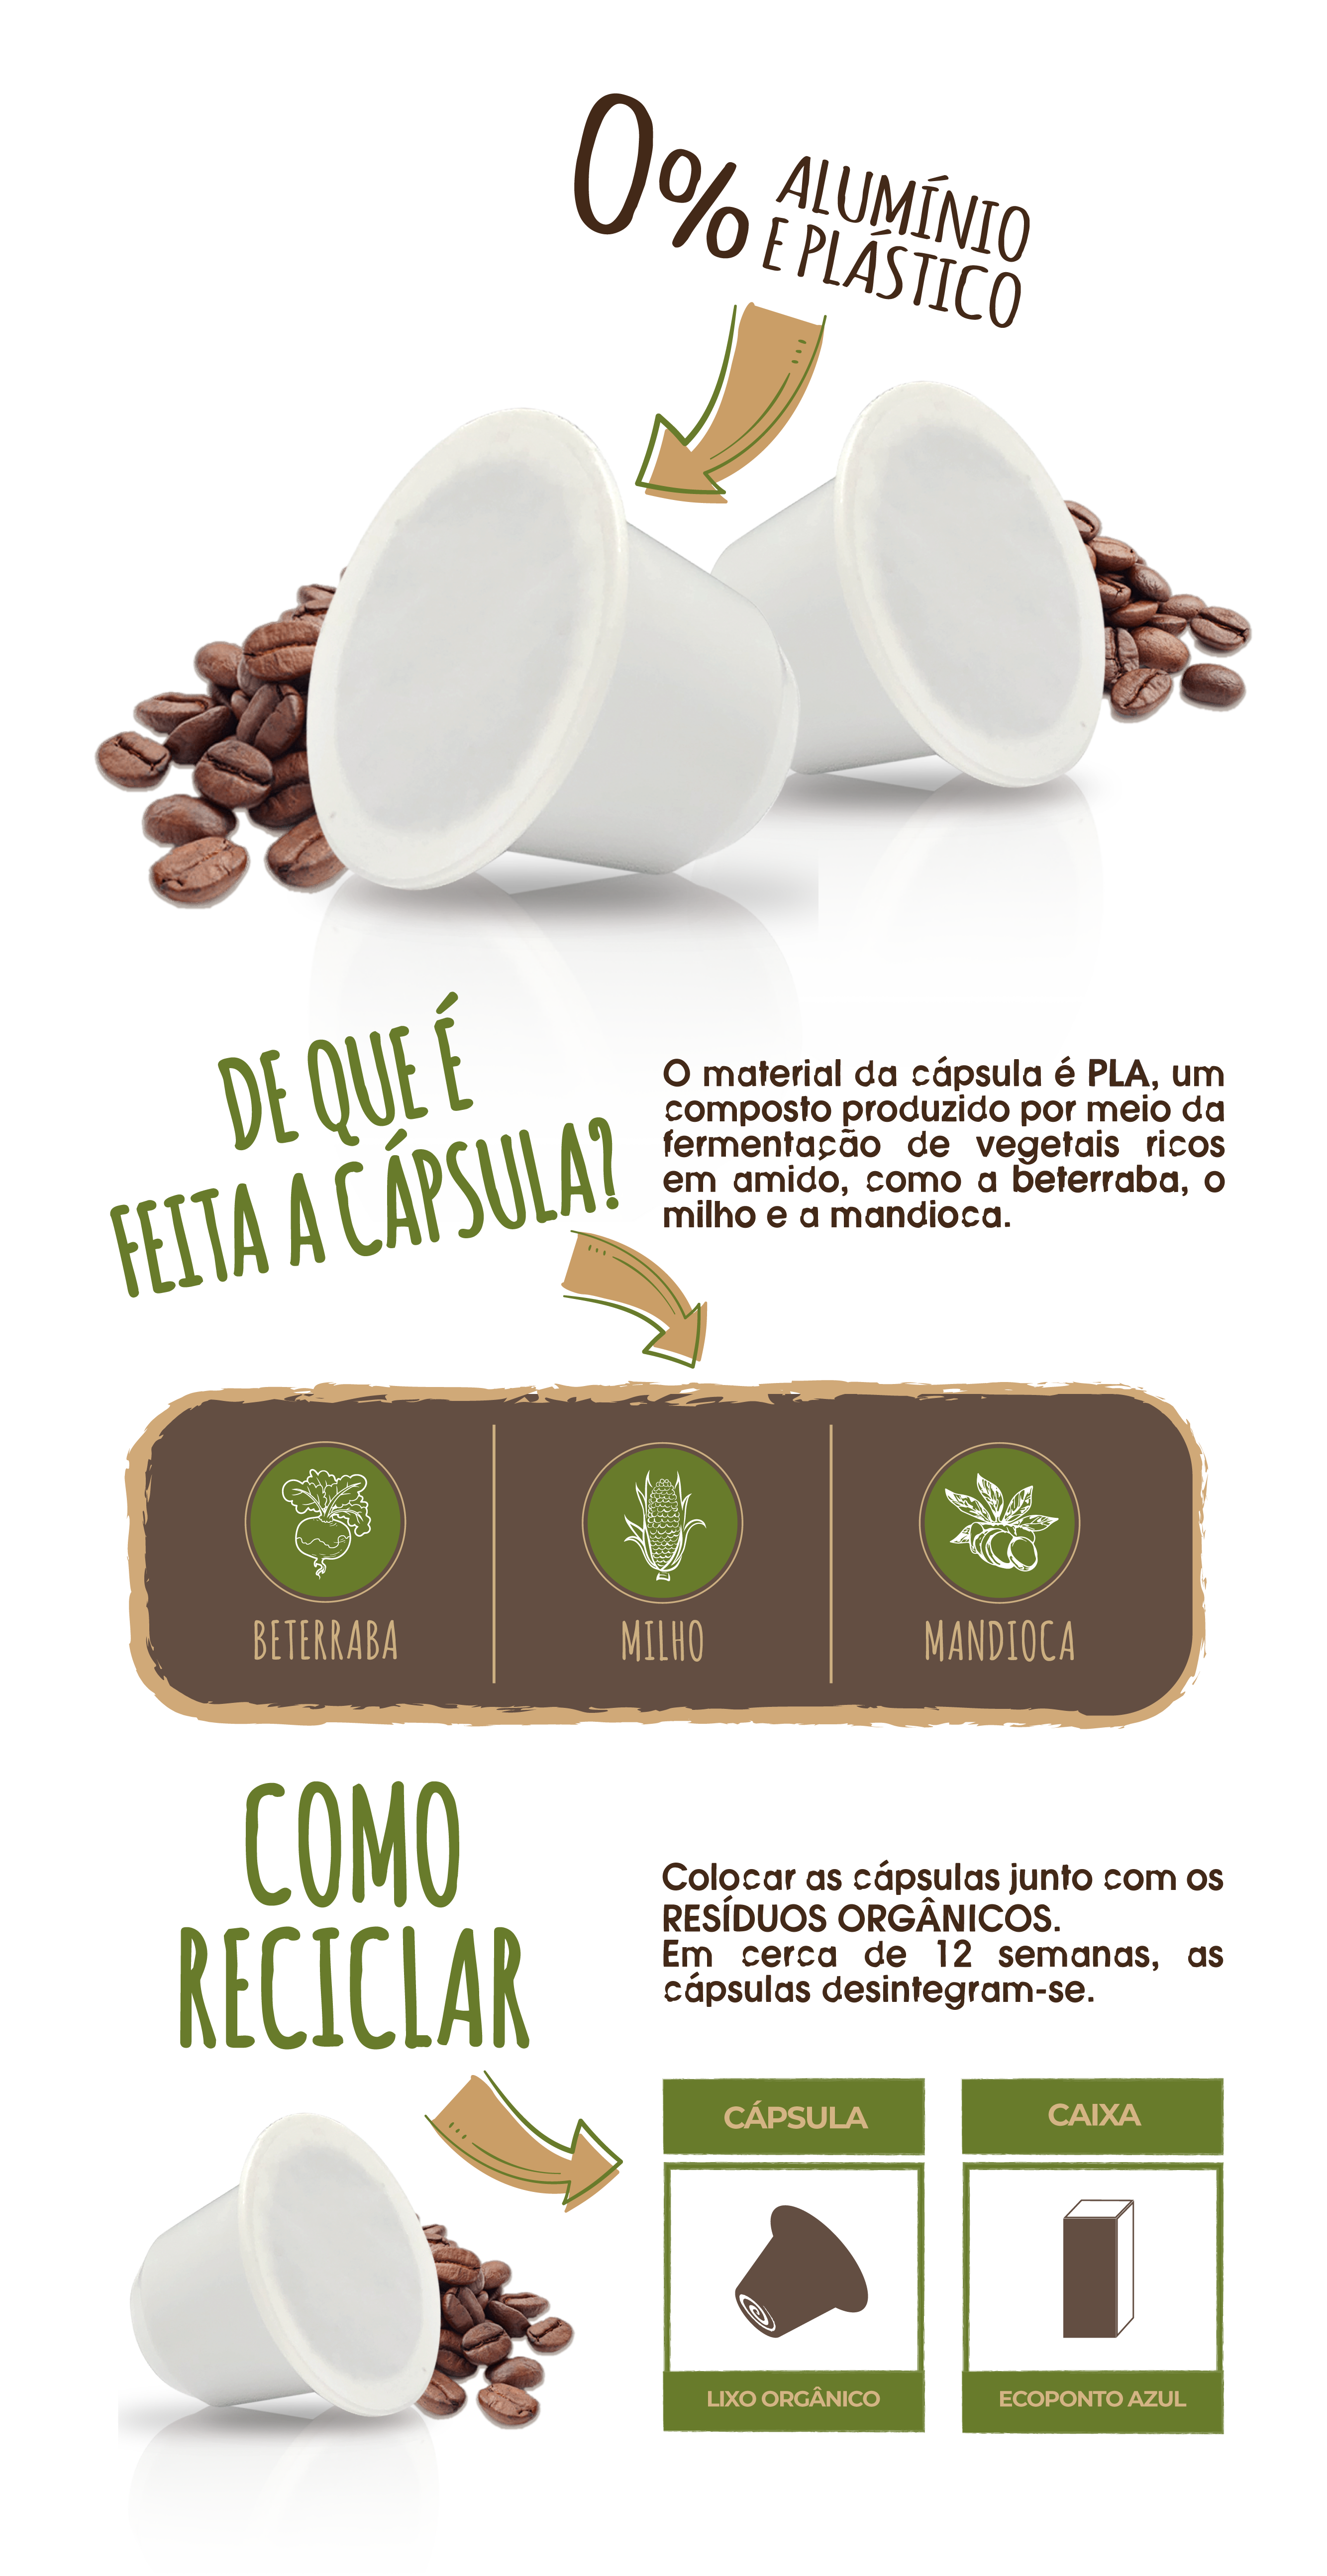 Cápsulas Biodegradáveis Nespresso Bicafé Cápsulas Café Compatíveis Nespresso